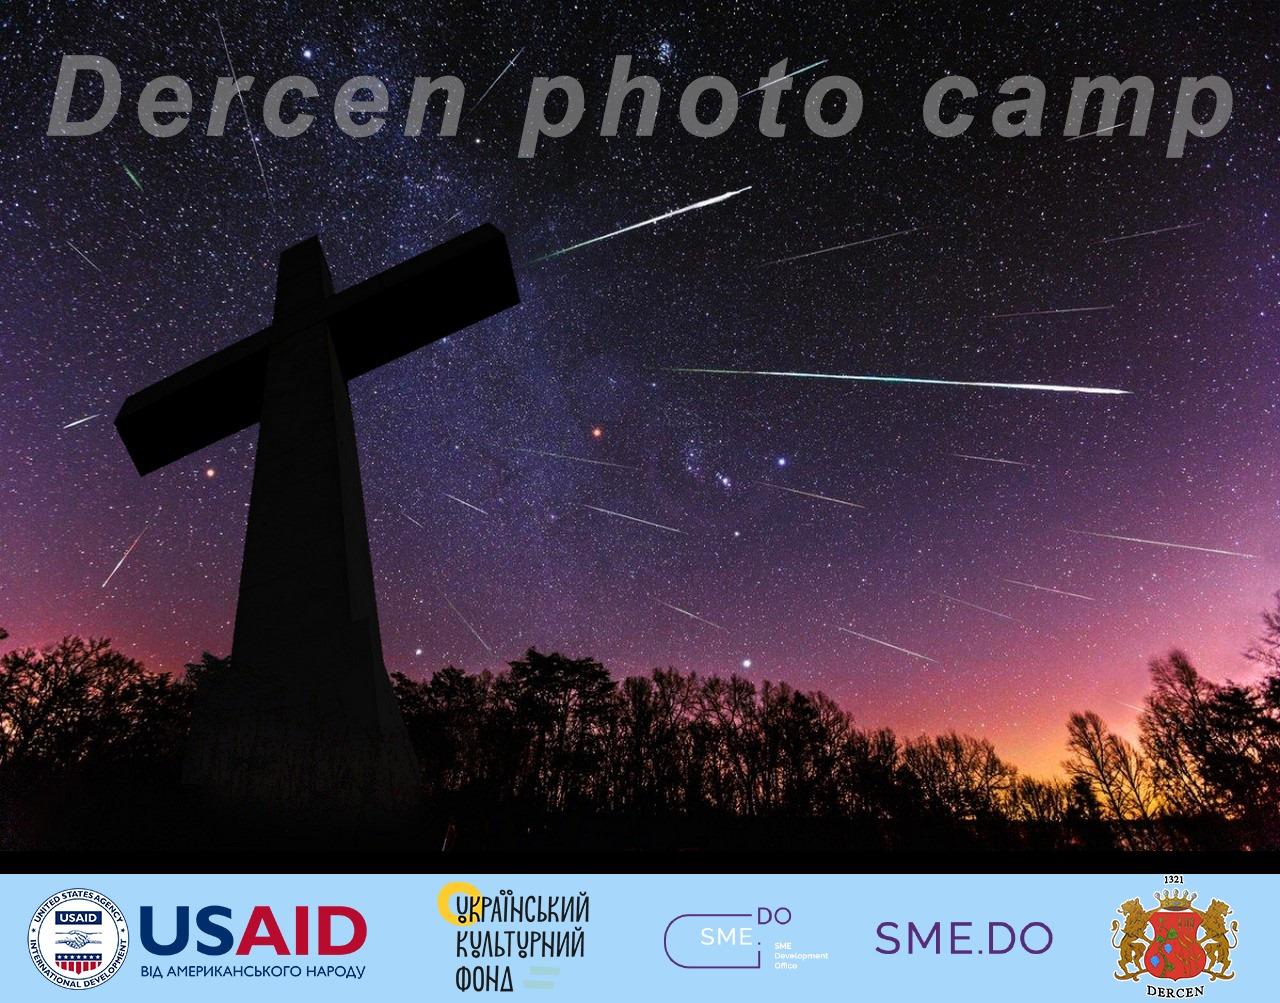 Фантастине атмосферне дійство - метеорний потік Персеїди 2020 на нічному небі у селі Дерцен, це головна астрономічна подія року та змагання фотографів.